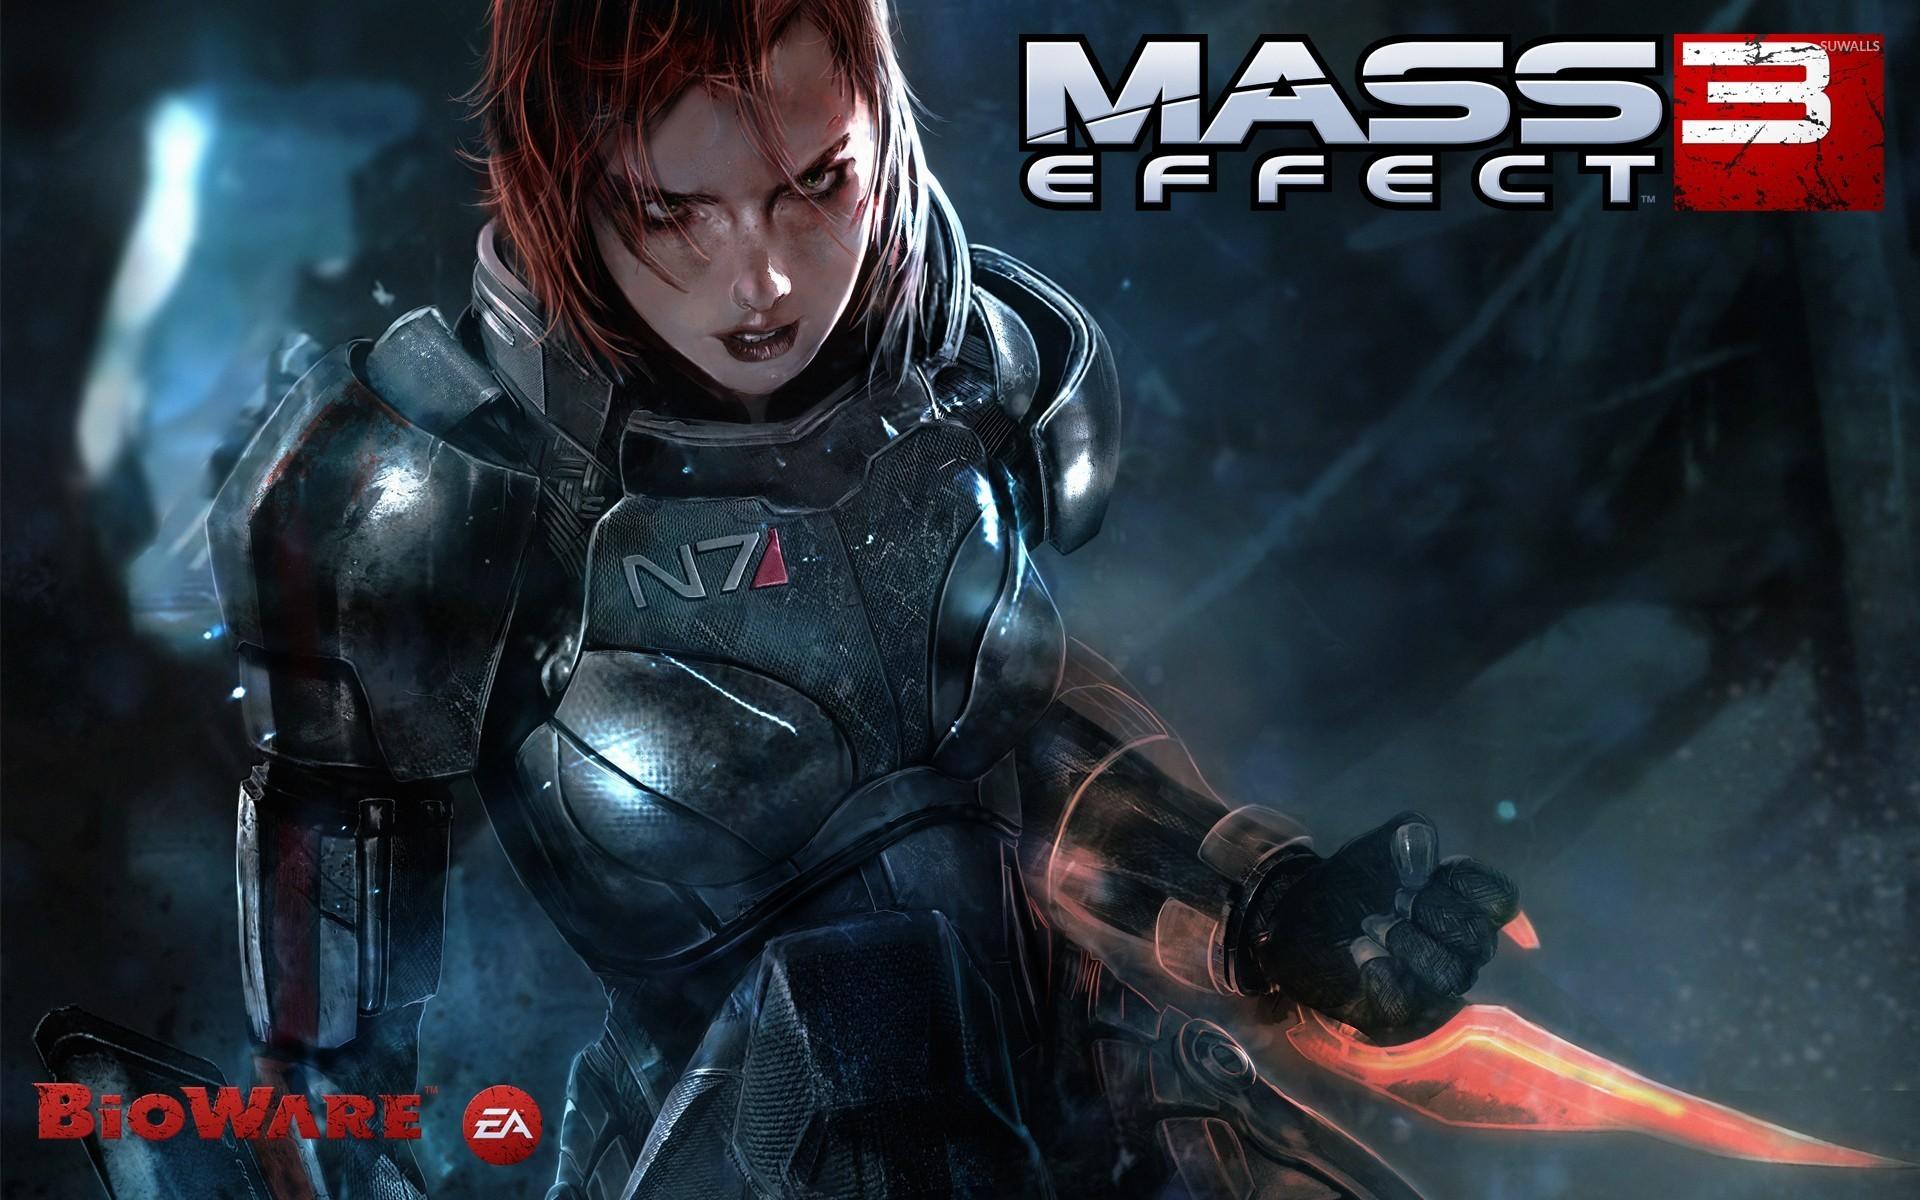 Commander Shepard Mass Effect 3 2 Wallpaper Game